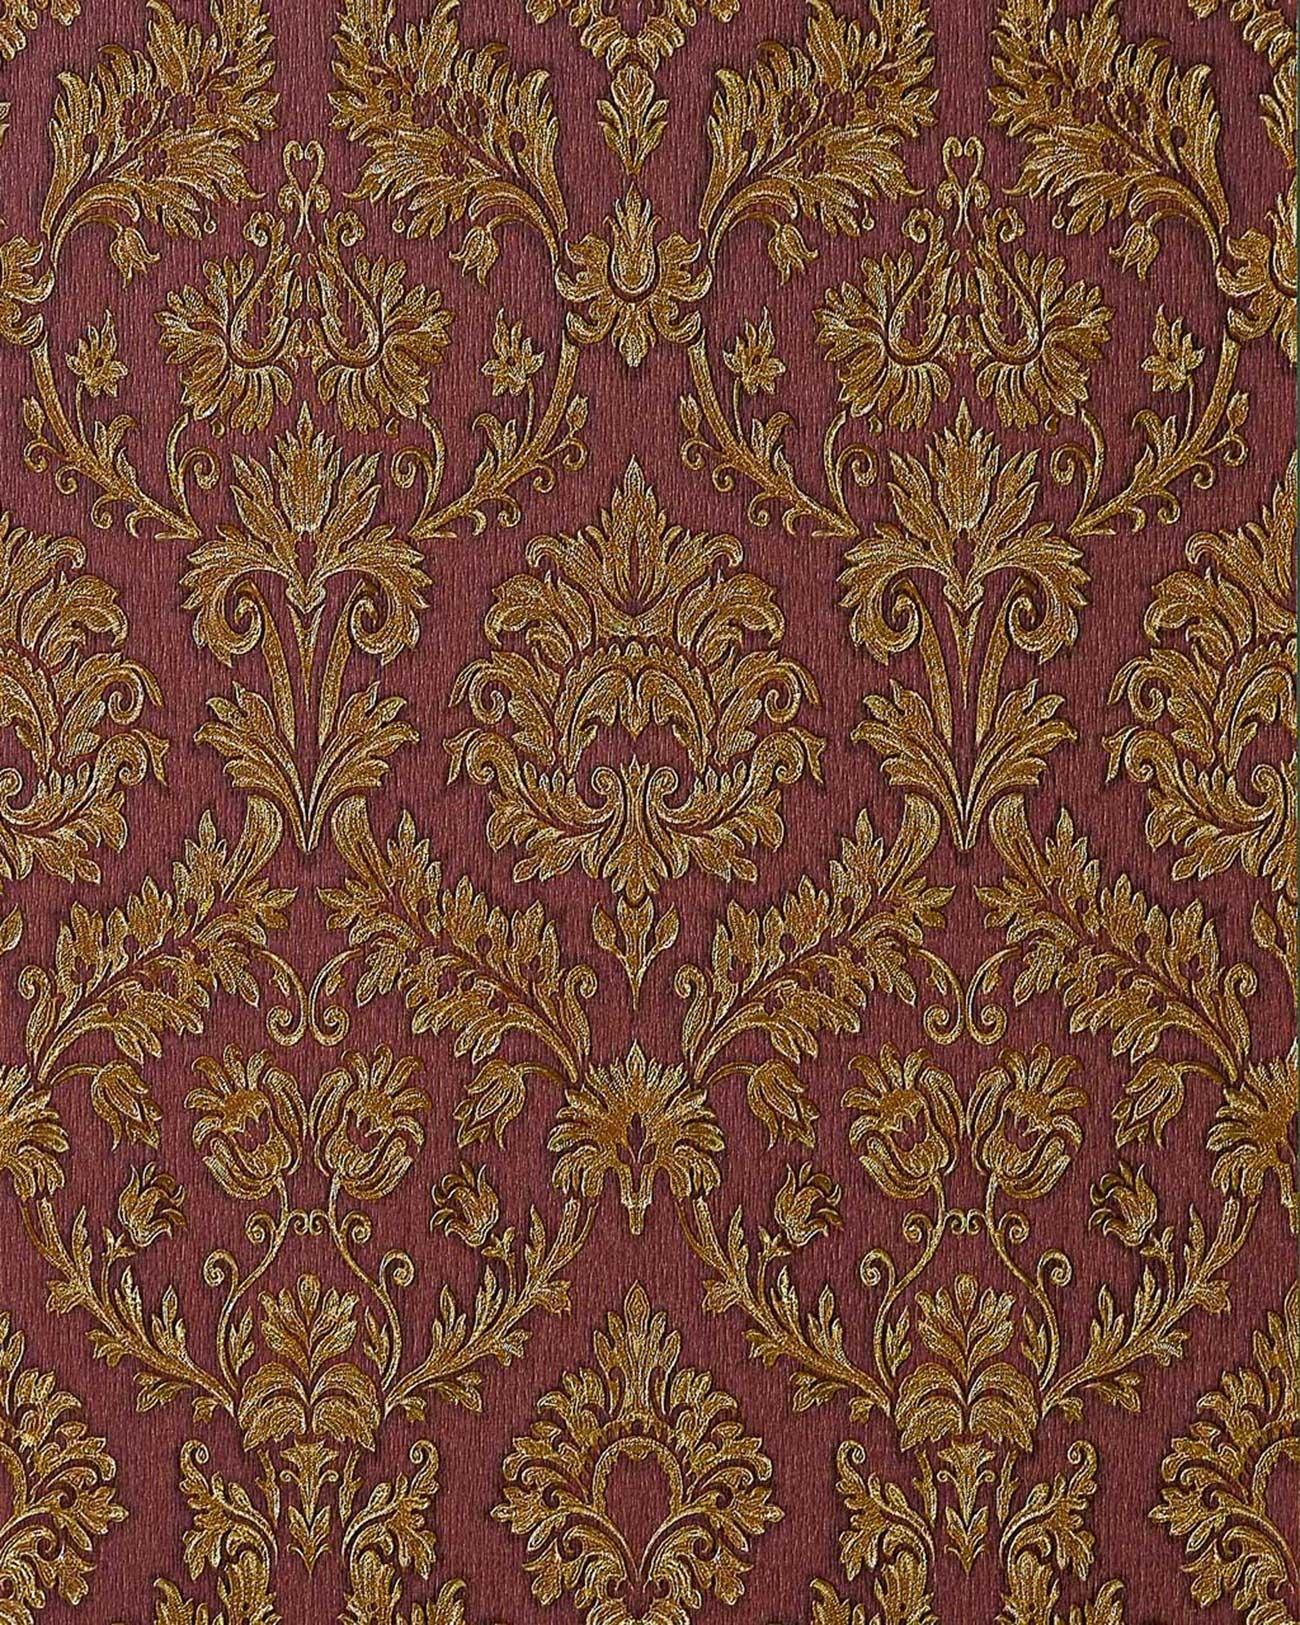 edem 708 36 wallpaper baroque style beige shade red gold. Black Bedroom Furniture Sets. Home Design Ideas